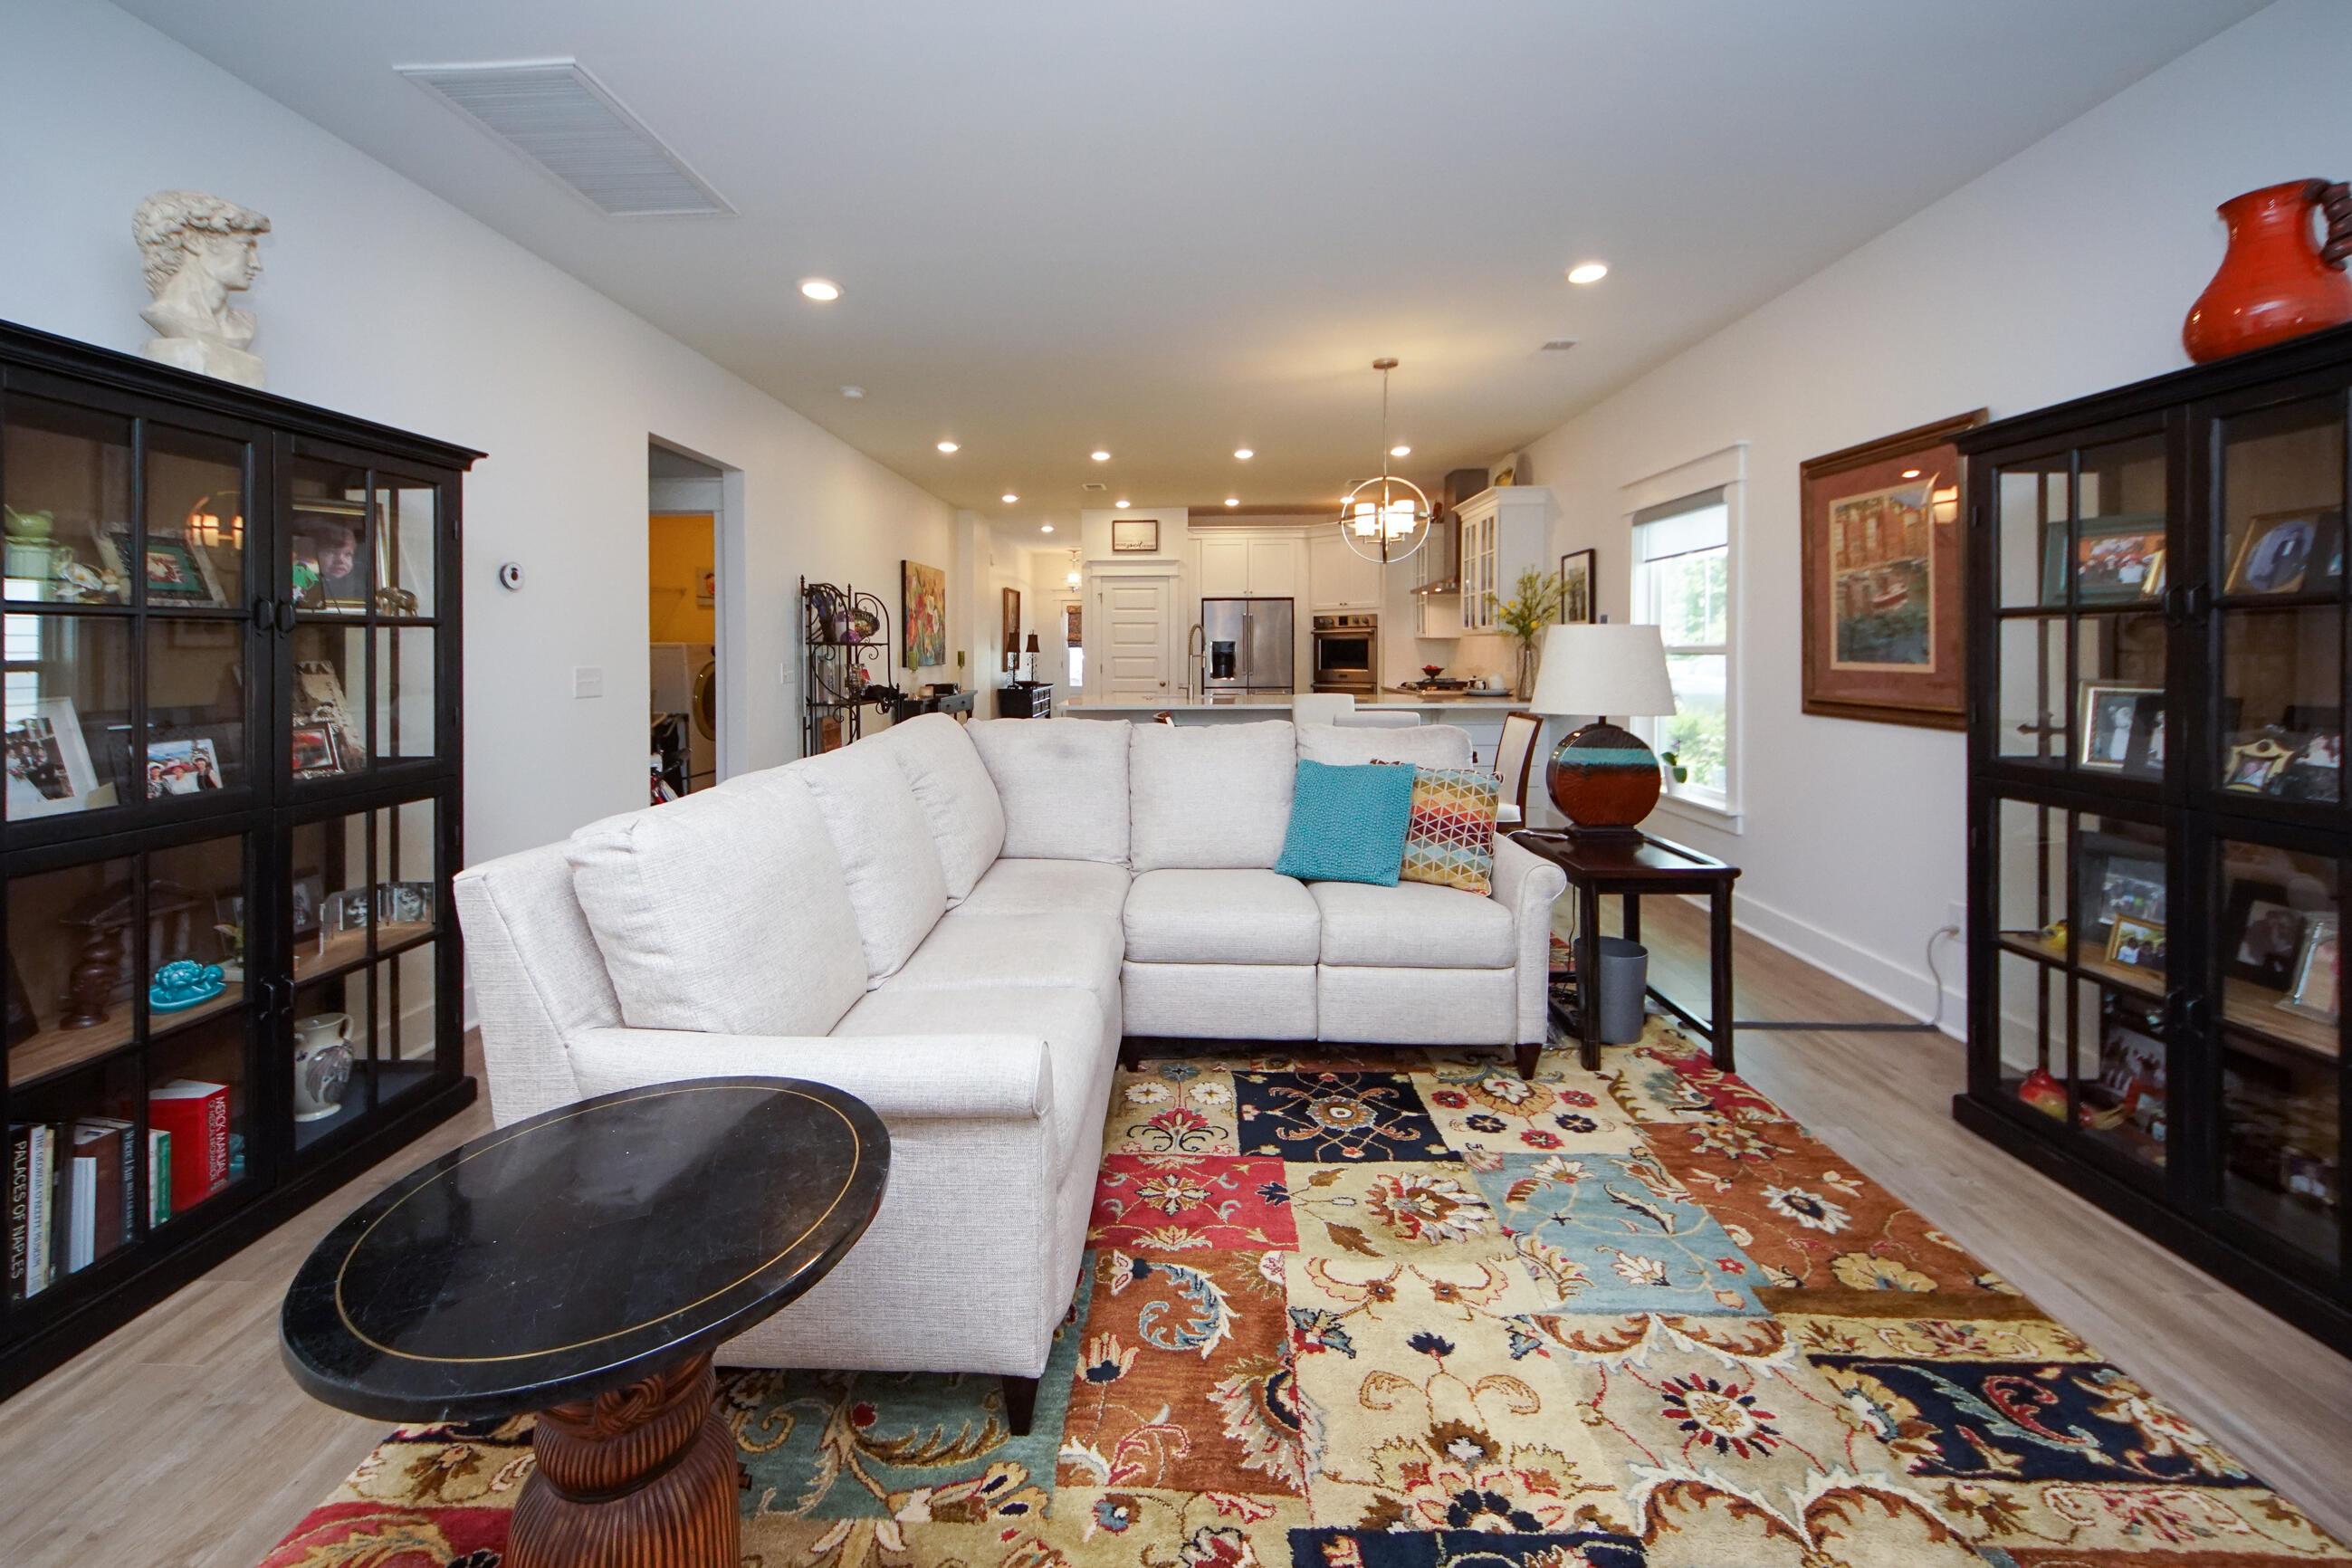 Park West Homes For Sale - 3085 Caspian, Mount Pleasant, SC - 37